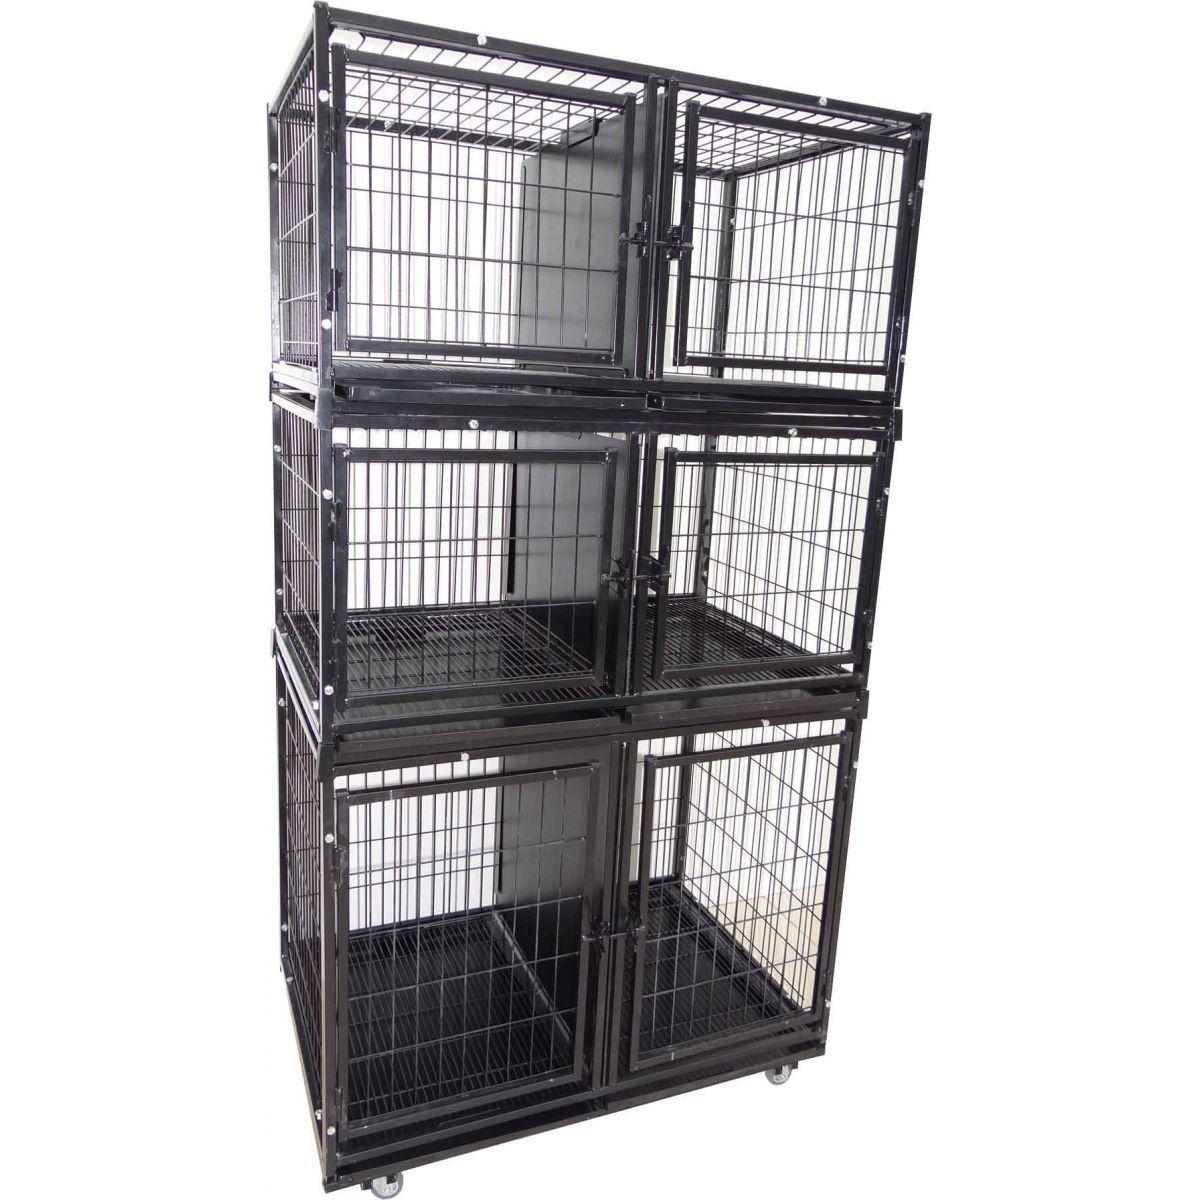 Gaiola canil cães e gatos 6 lugares modular - Preto